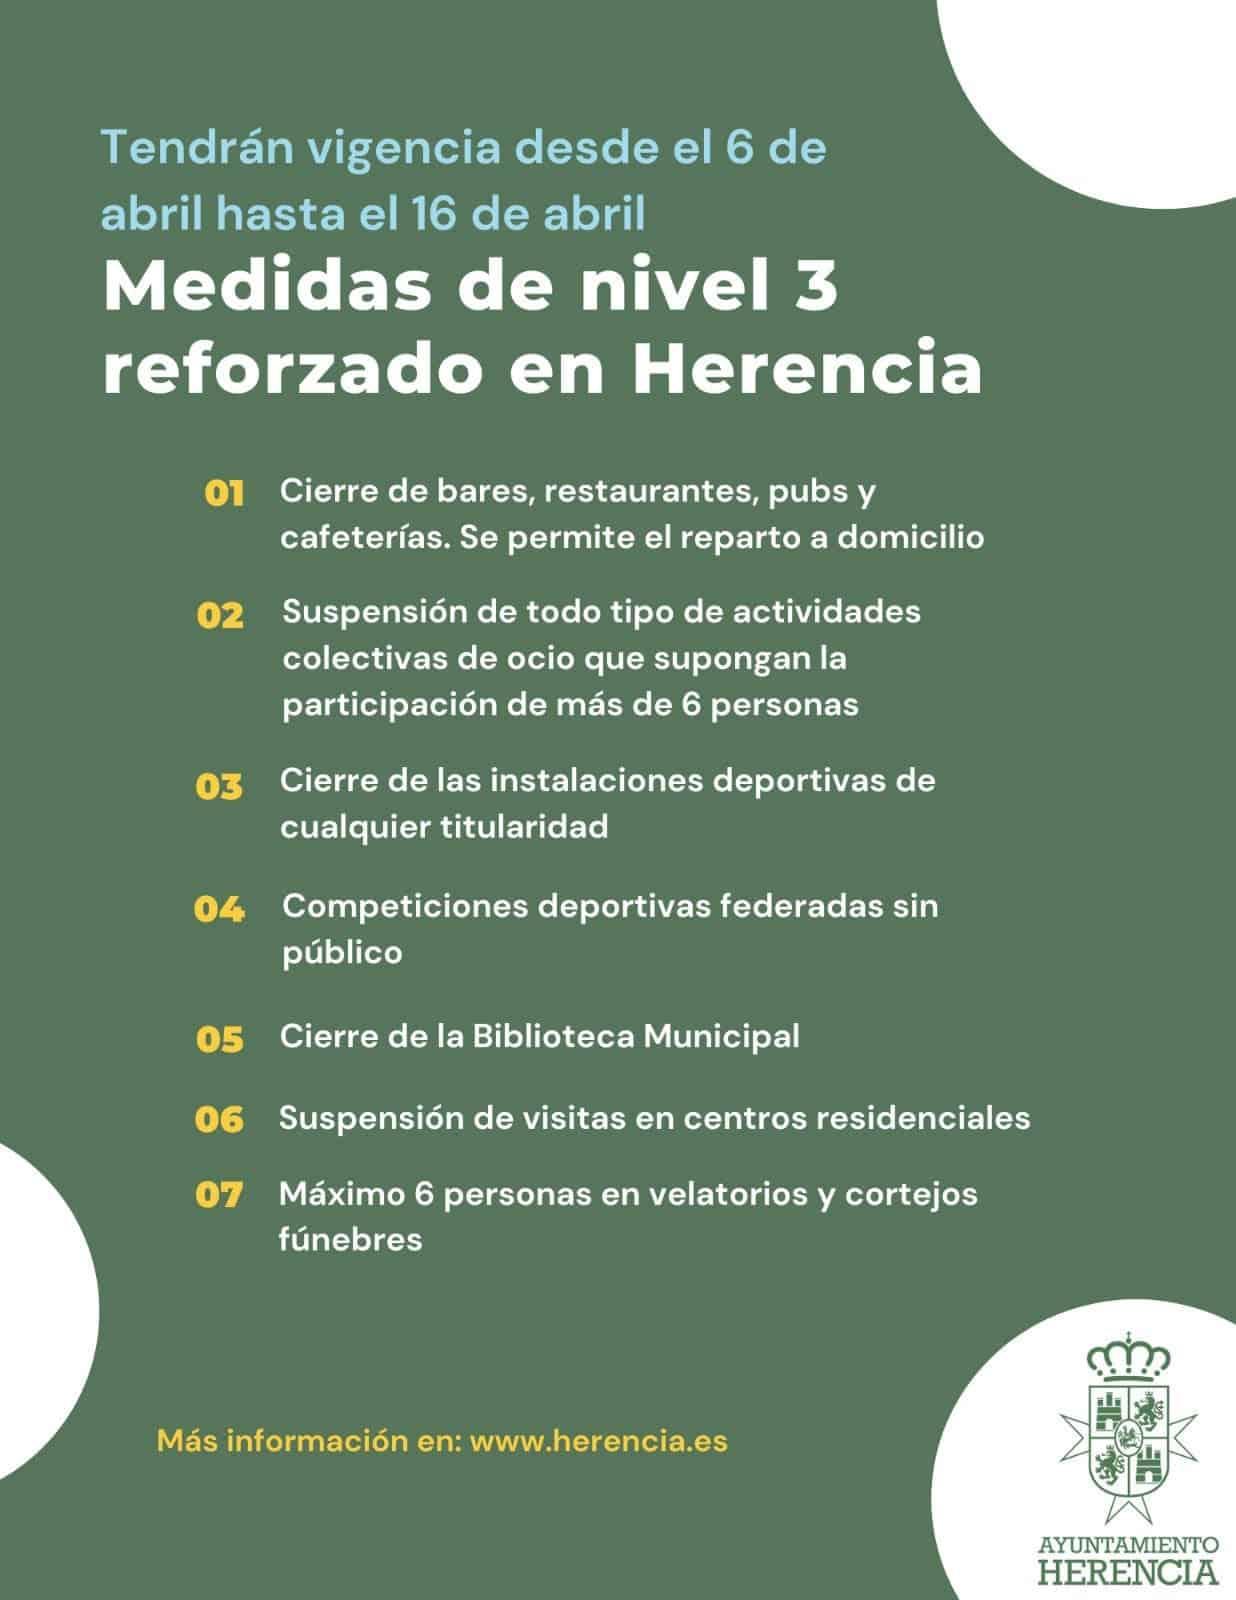 Medidas de nivel 3 reforzadas para Herencia con el cierre de la hostelería, excepto a domicilio 3